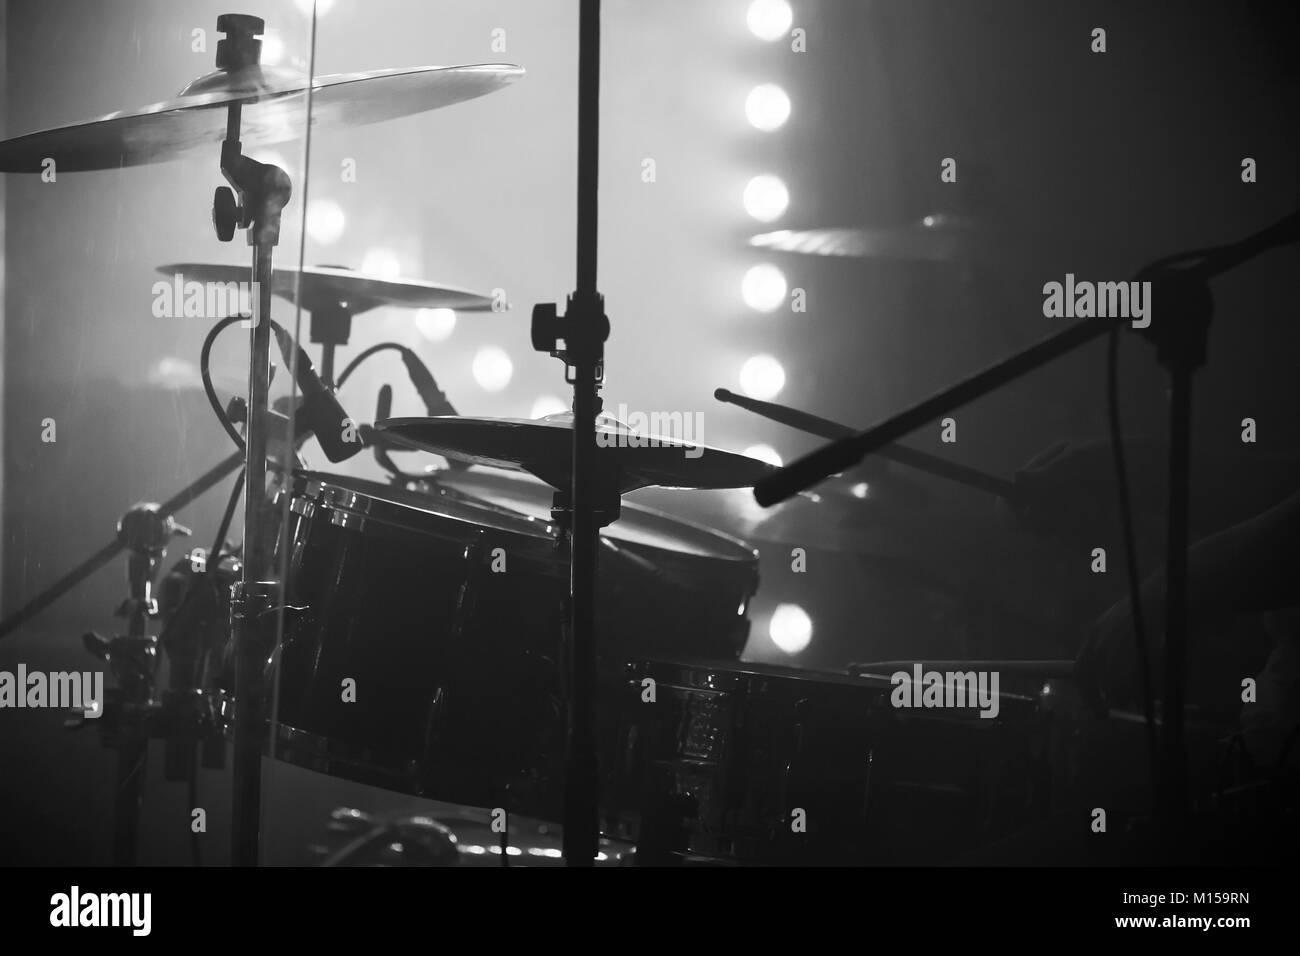 Musica Dal Vivo Foto Drum Set Con Cembali E Luci Da Palco Su Uno